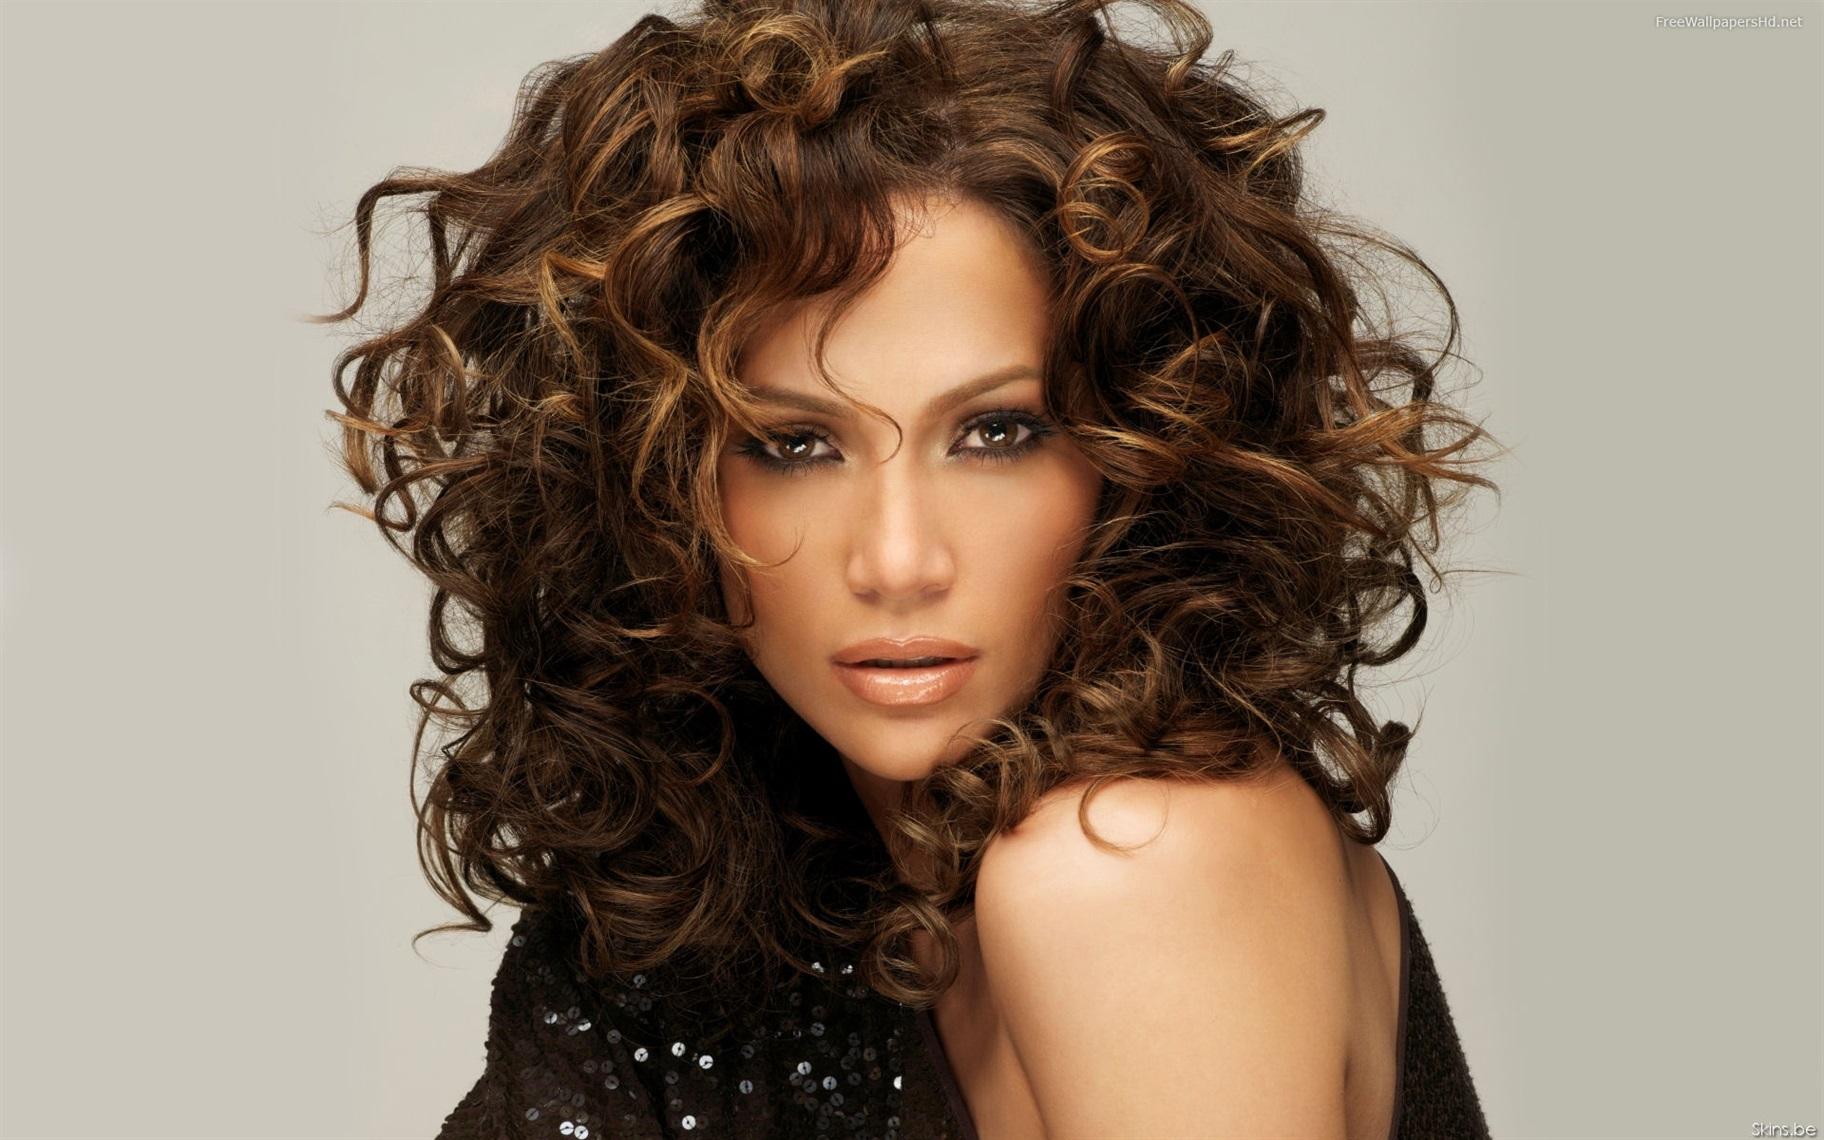 Locken Frisuren Freche Jennifer Lopez Der mittelgroße Haarständer hat einen weiteren unbestreitbaren Vorteil - er eignet sich auch für Besitzer dünner Strähnen. In der Tat erhalten sie durch Schneiden der Locken am Boden zusätzliches Volumen.